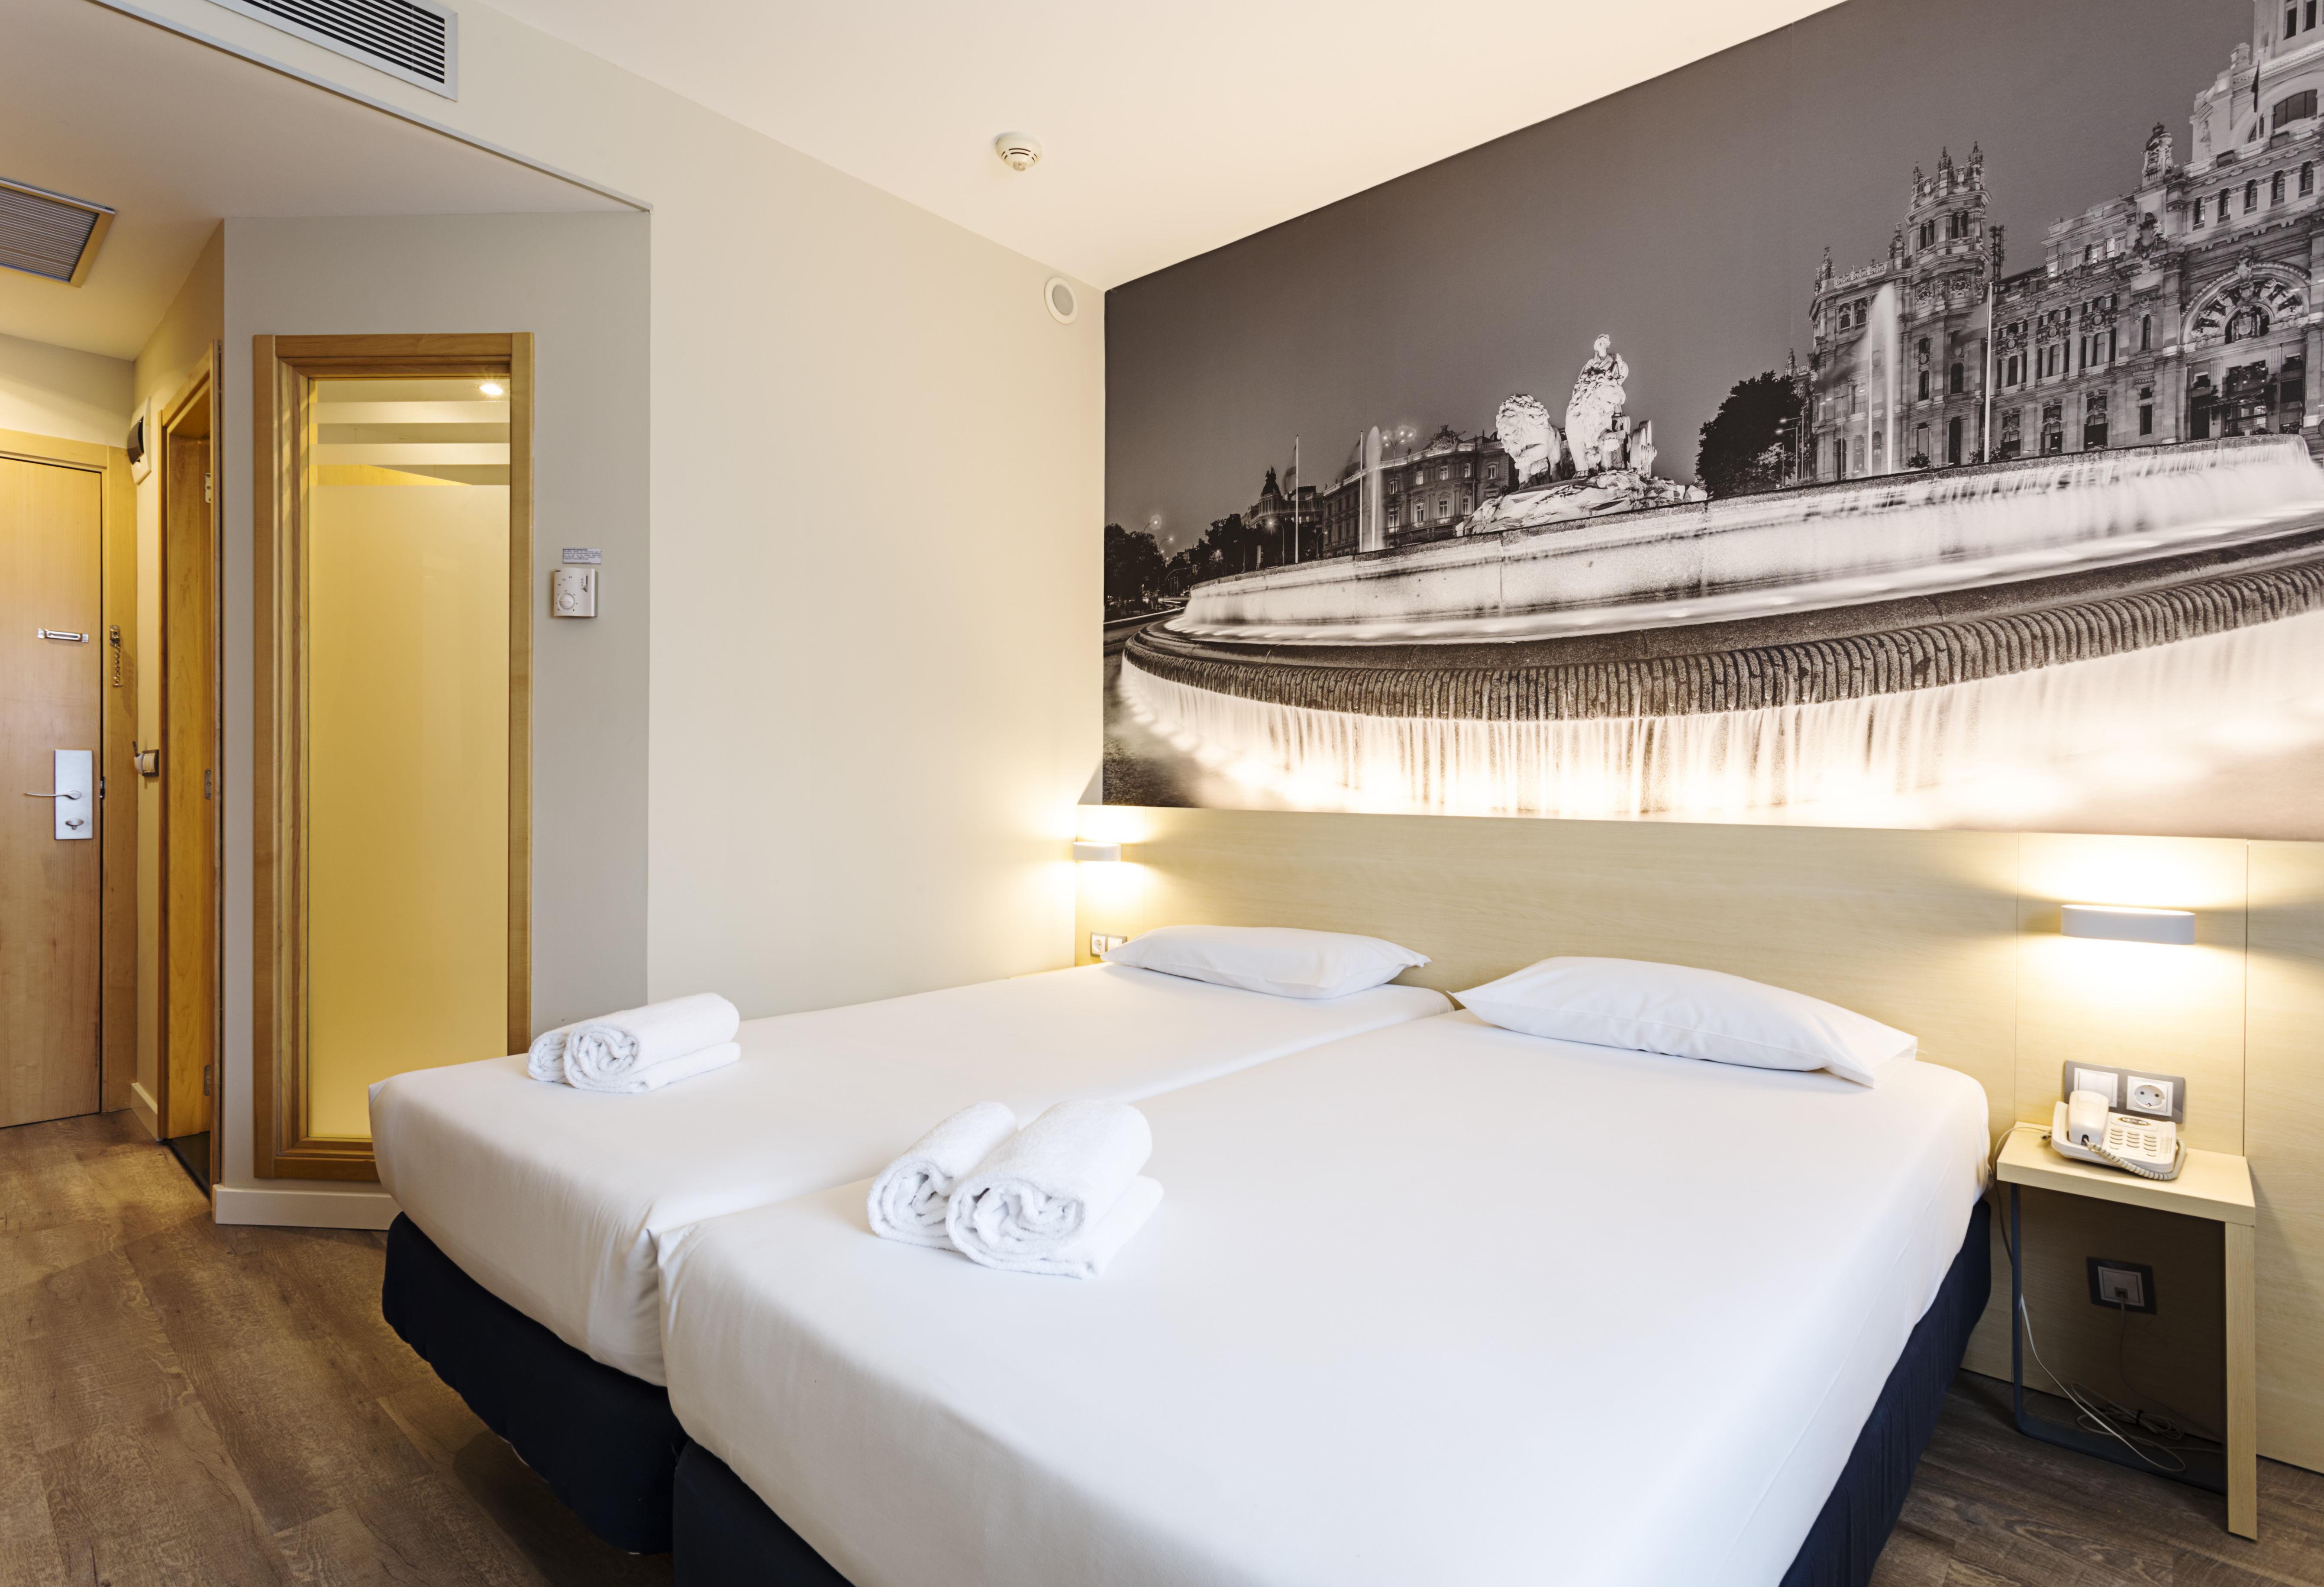 Habitación doble dos camas separadas del hotel B&b Madrid Airport